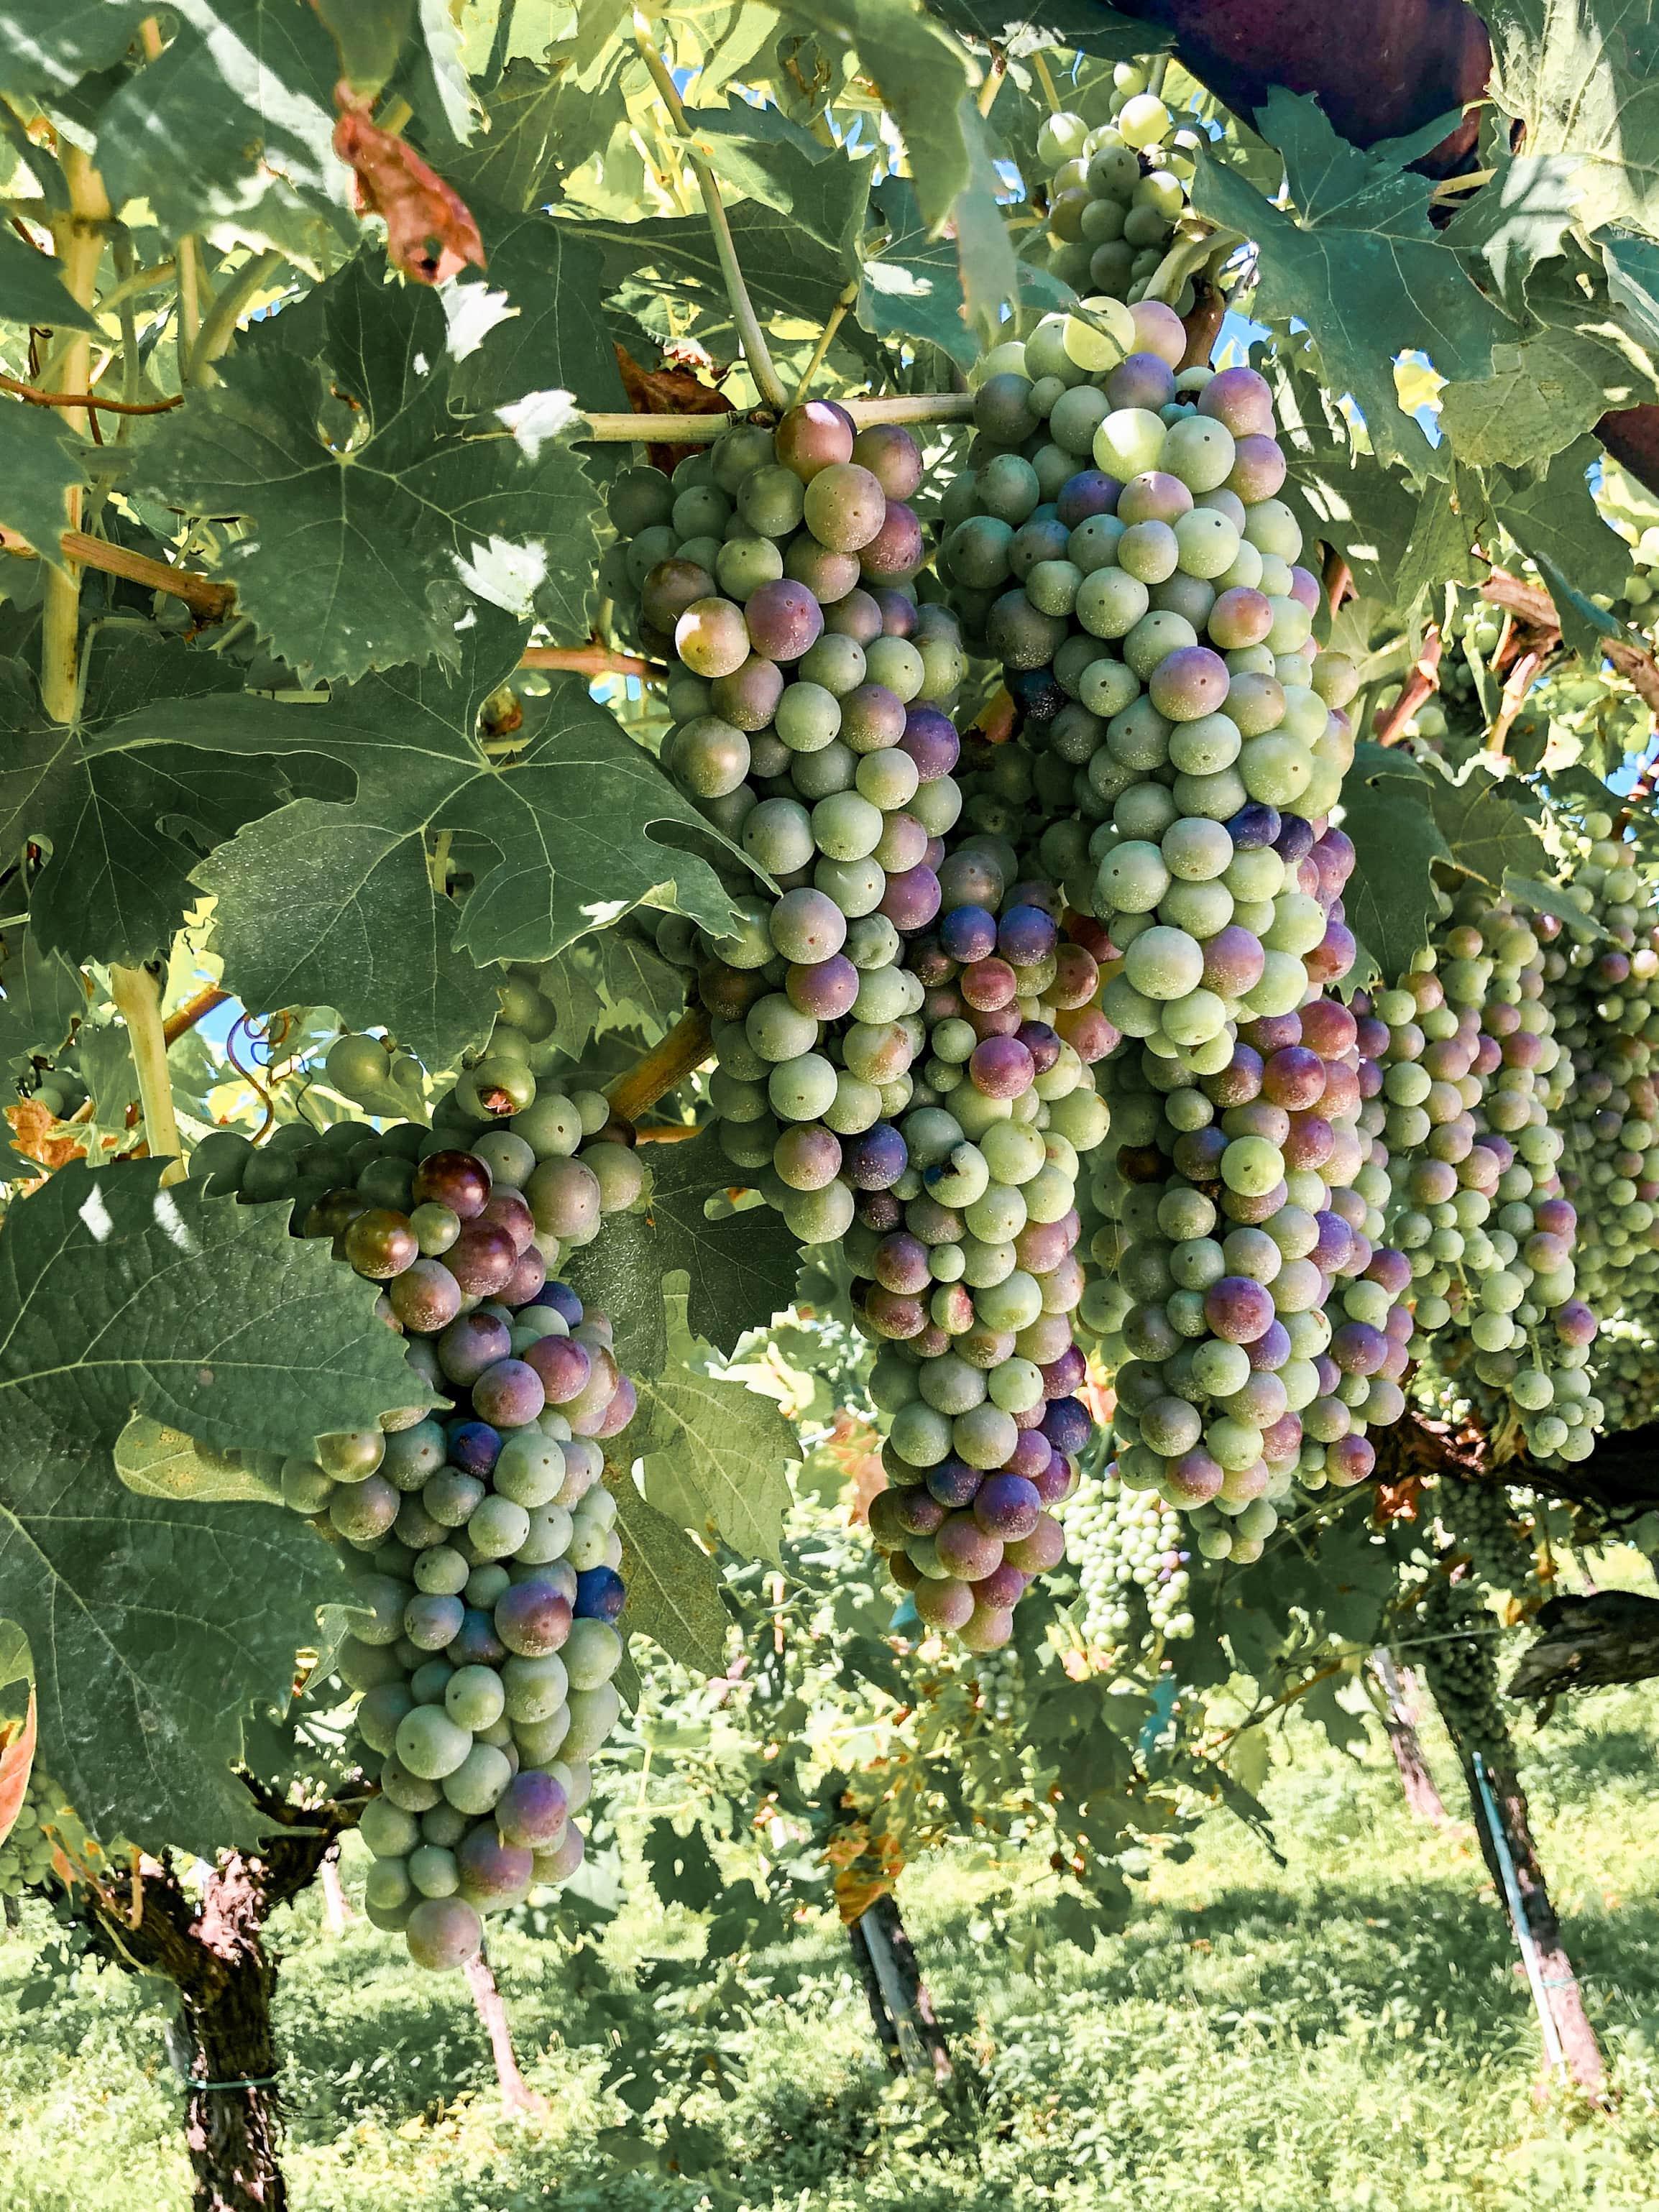 tenute ugolini verona uva in vigneto